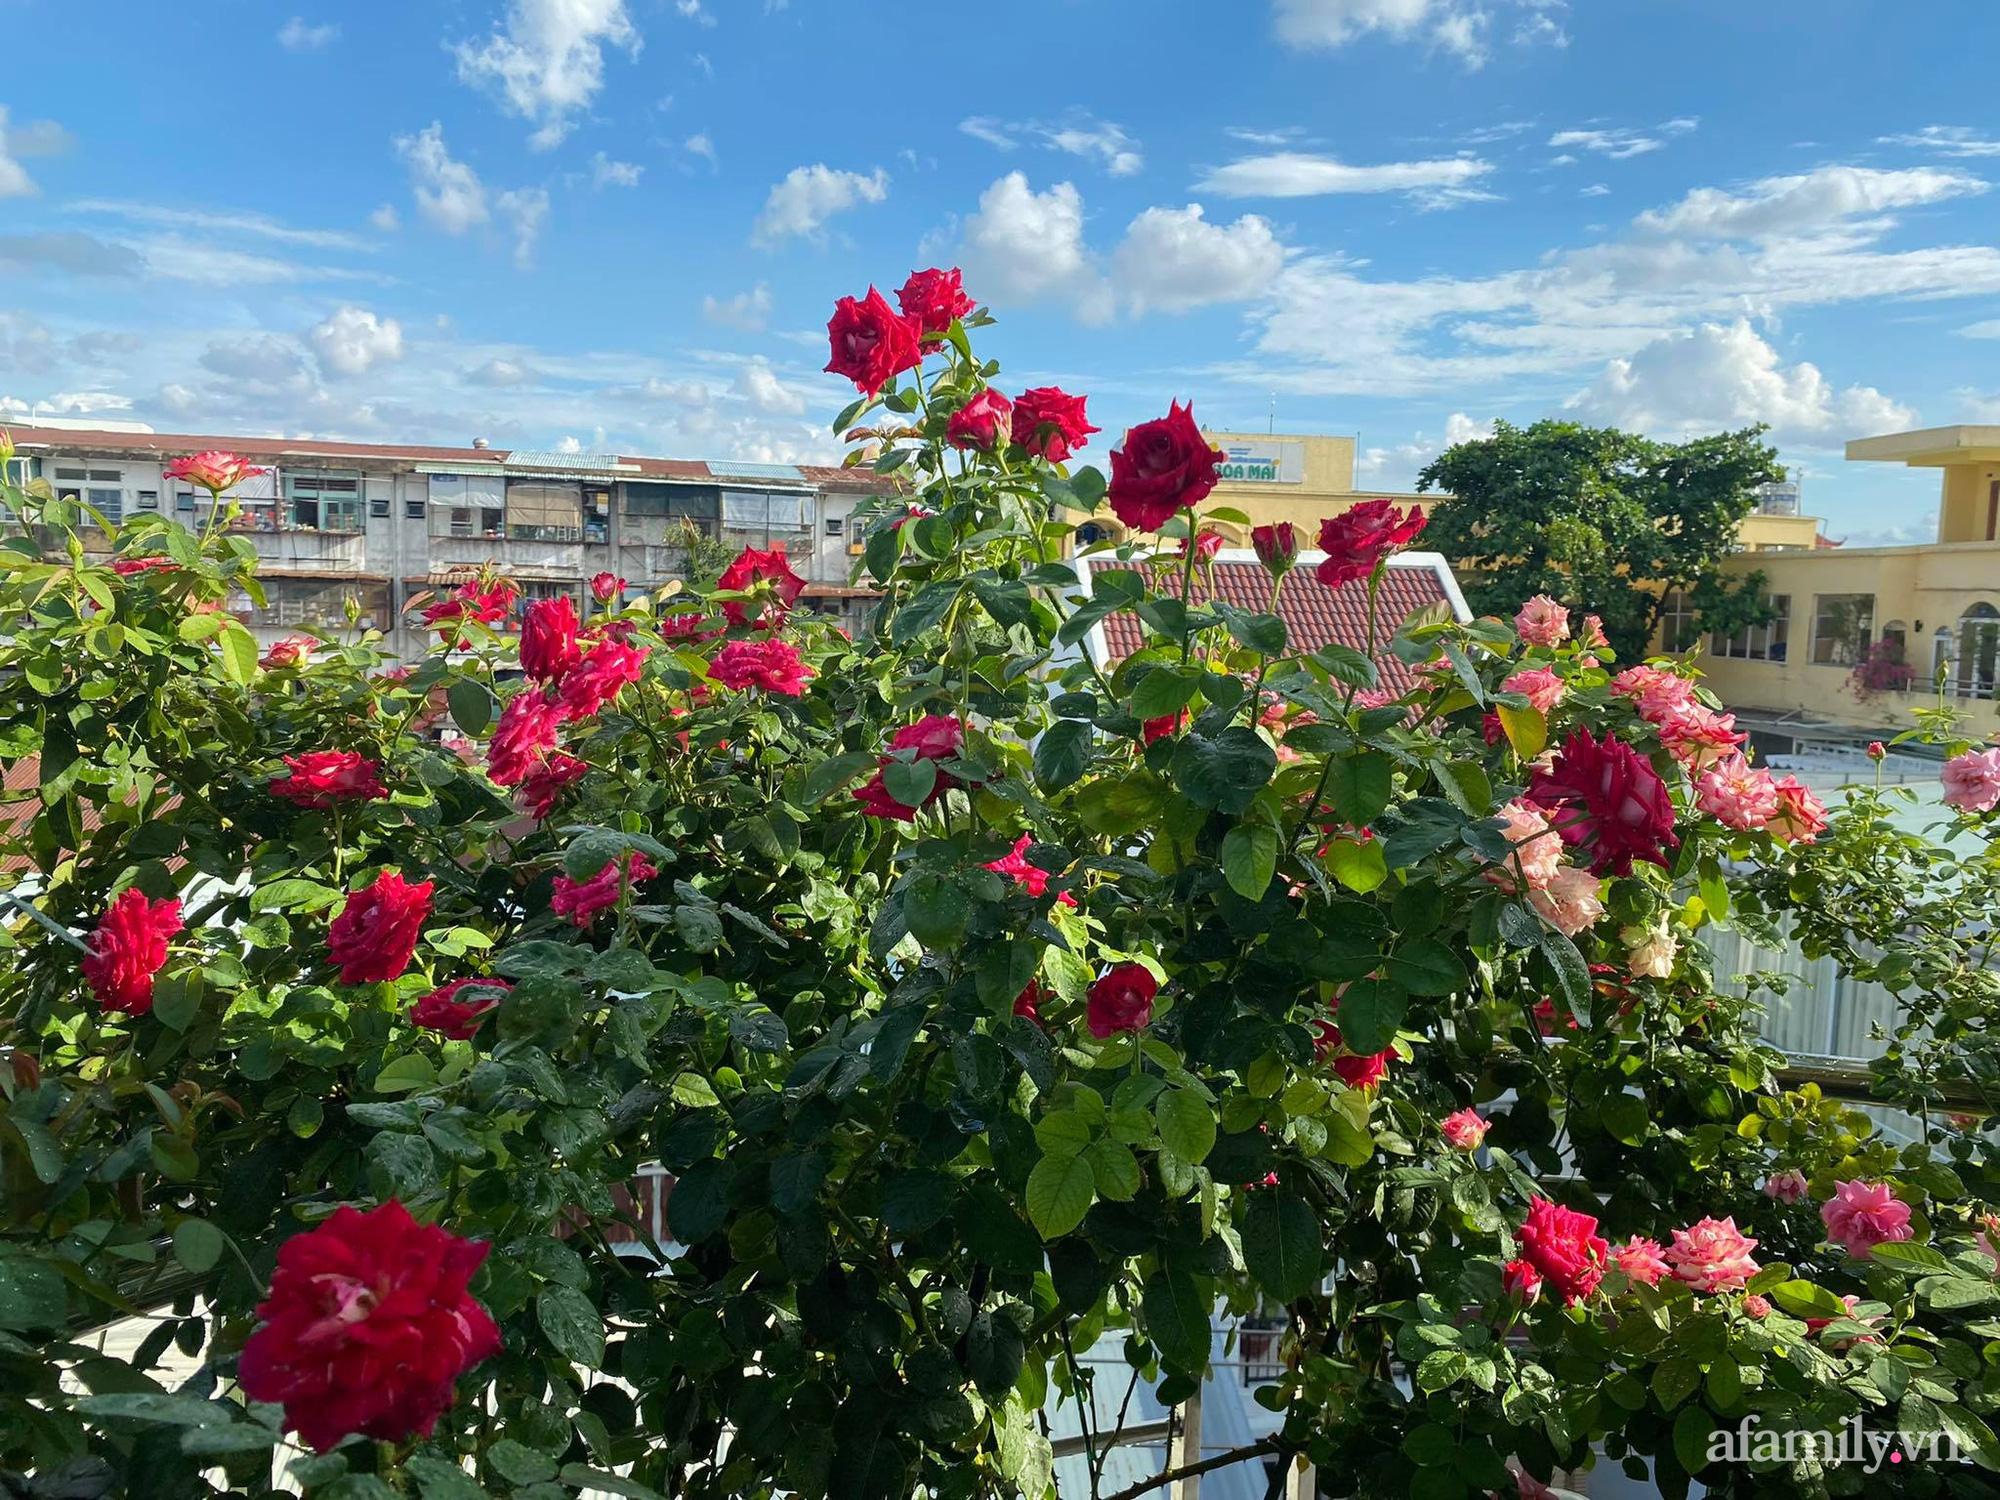 Sân thượng phủ kín hoa hồng và rau quả sạch ở Sài Gòn của Hoa hậu Janny Thủy Trần - ảnh 14